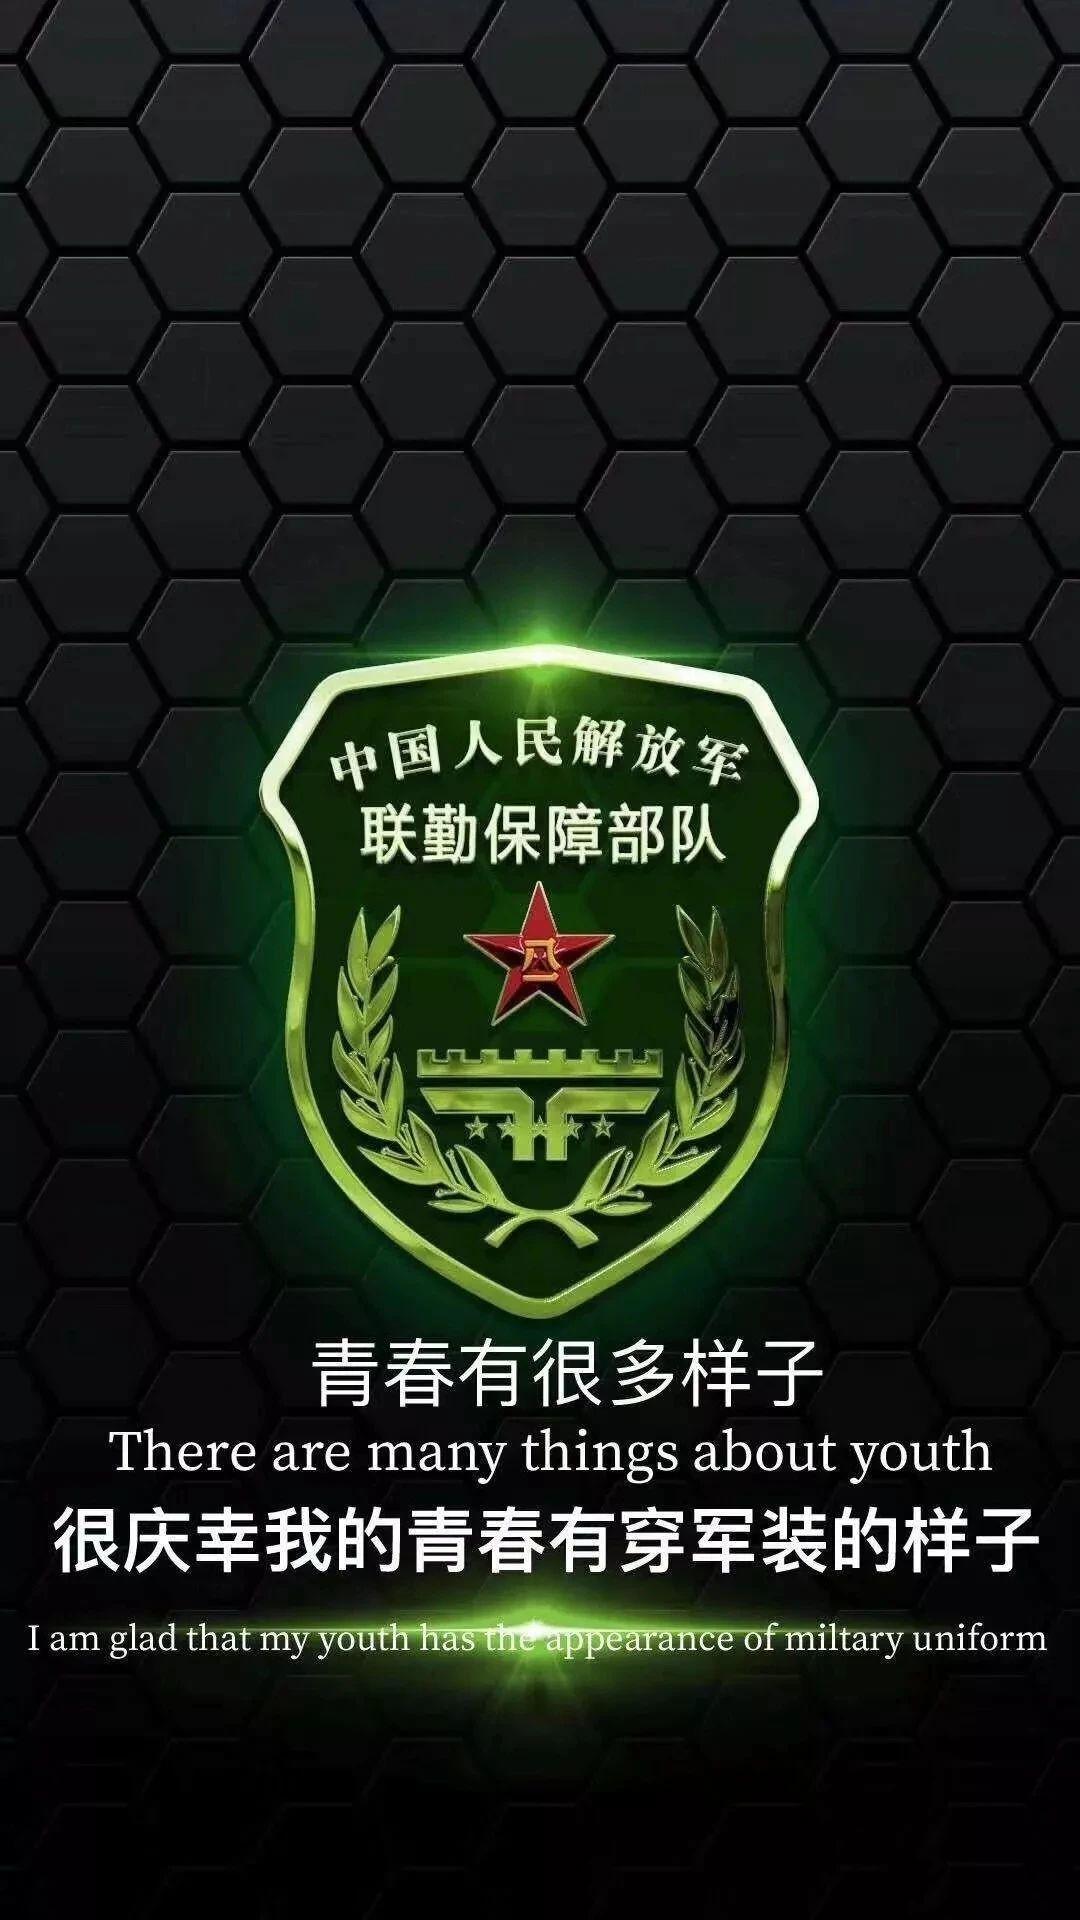 5f4fac4a852dc - 军人壁纸:哪有什么岁月静好,不过是有人替你负重前行